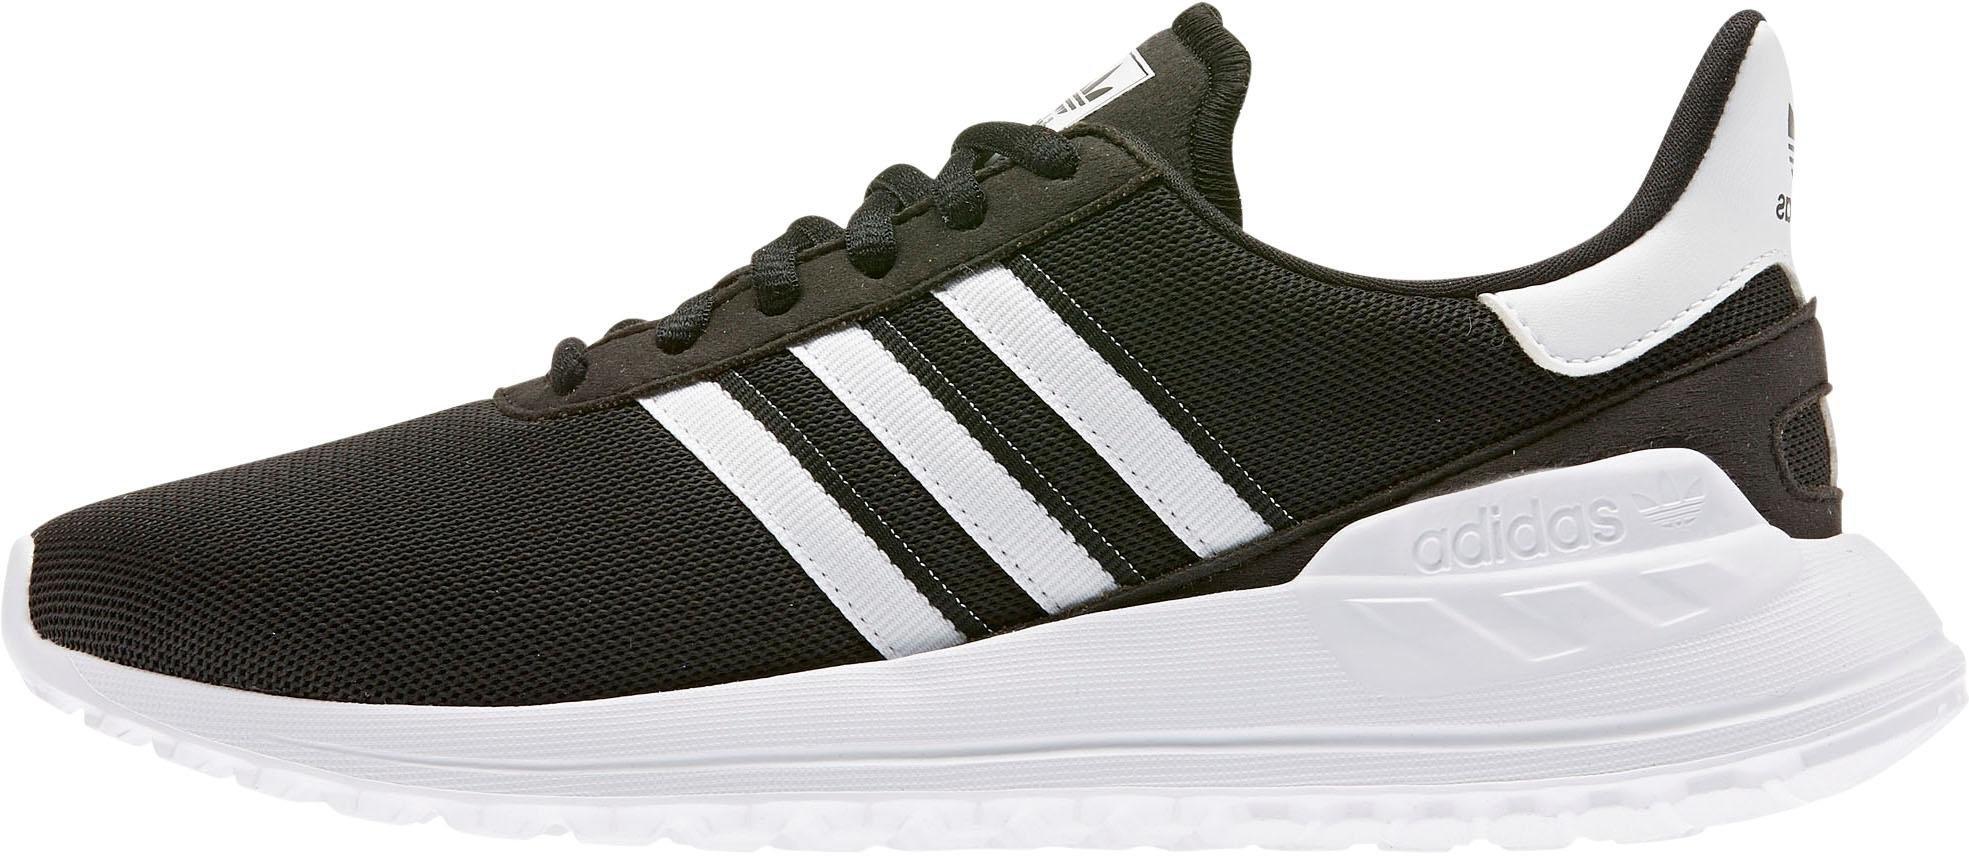 adidas Originals sneakers LOS ANGELES TRAINER LITE LA ORIGINALS UNISEX veilig op otto.nl kopen